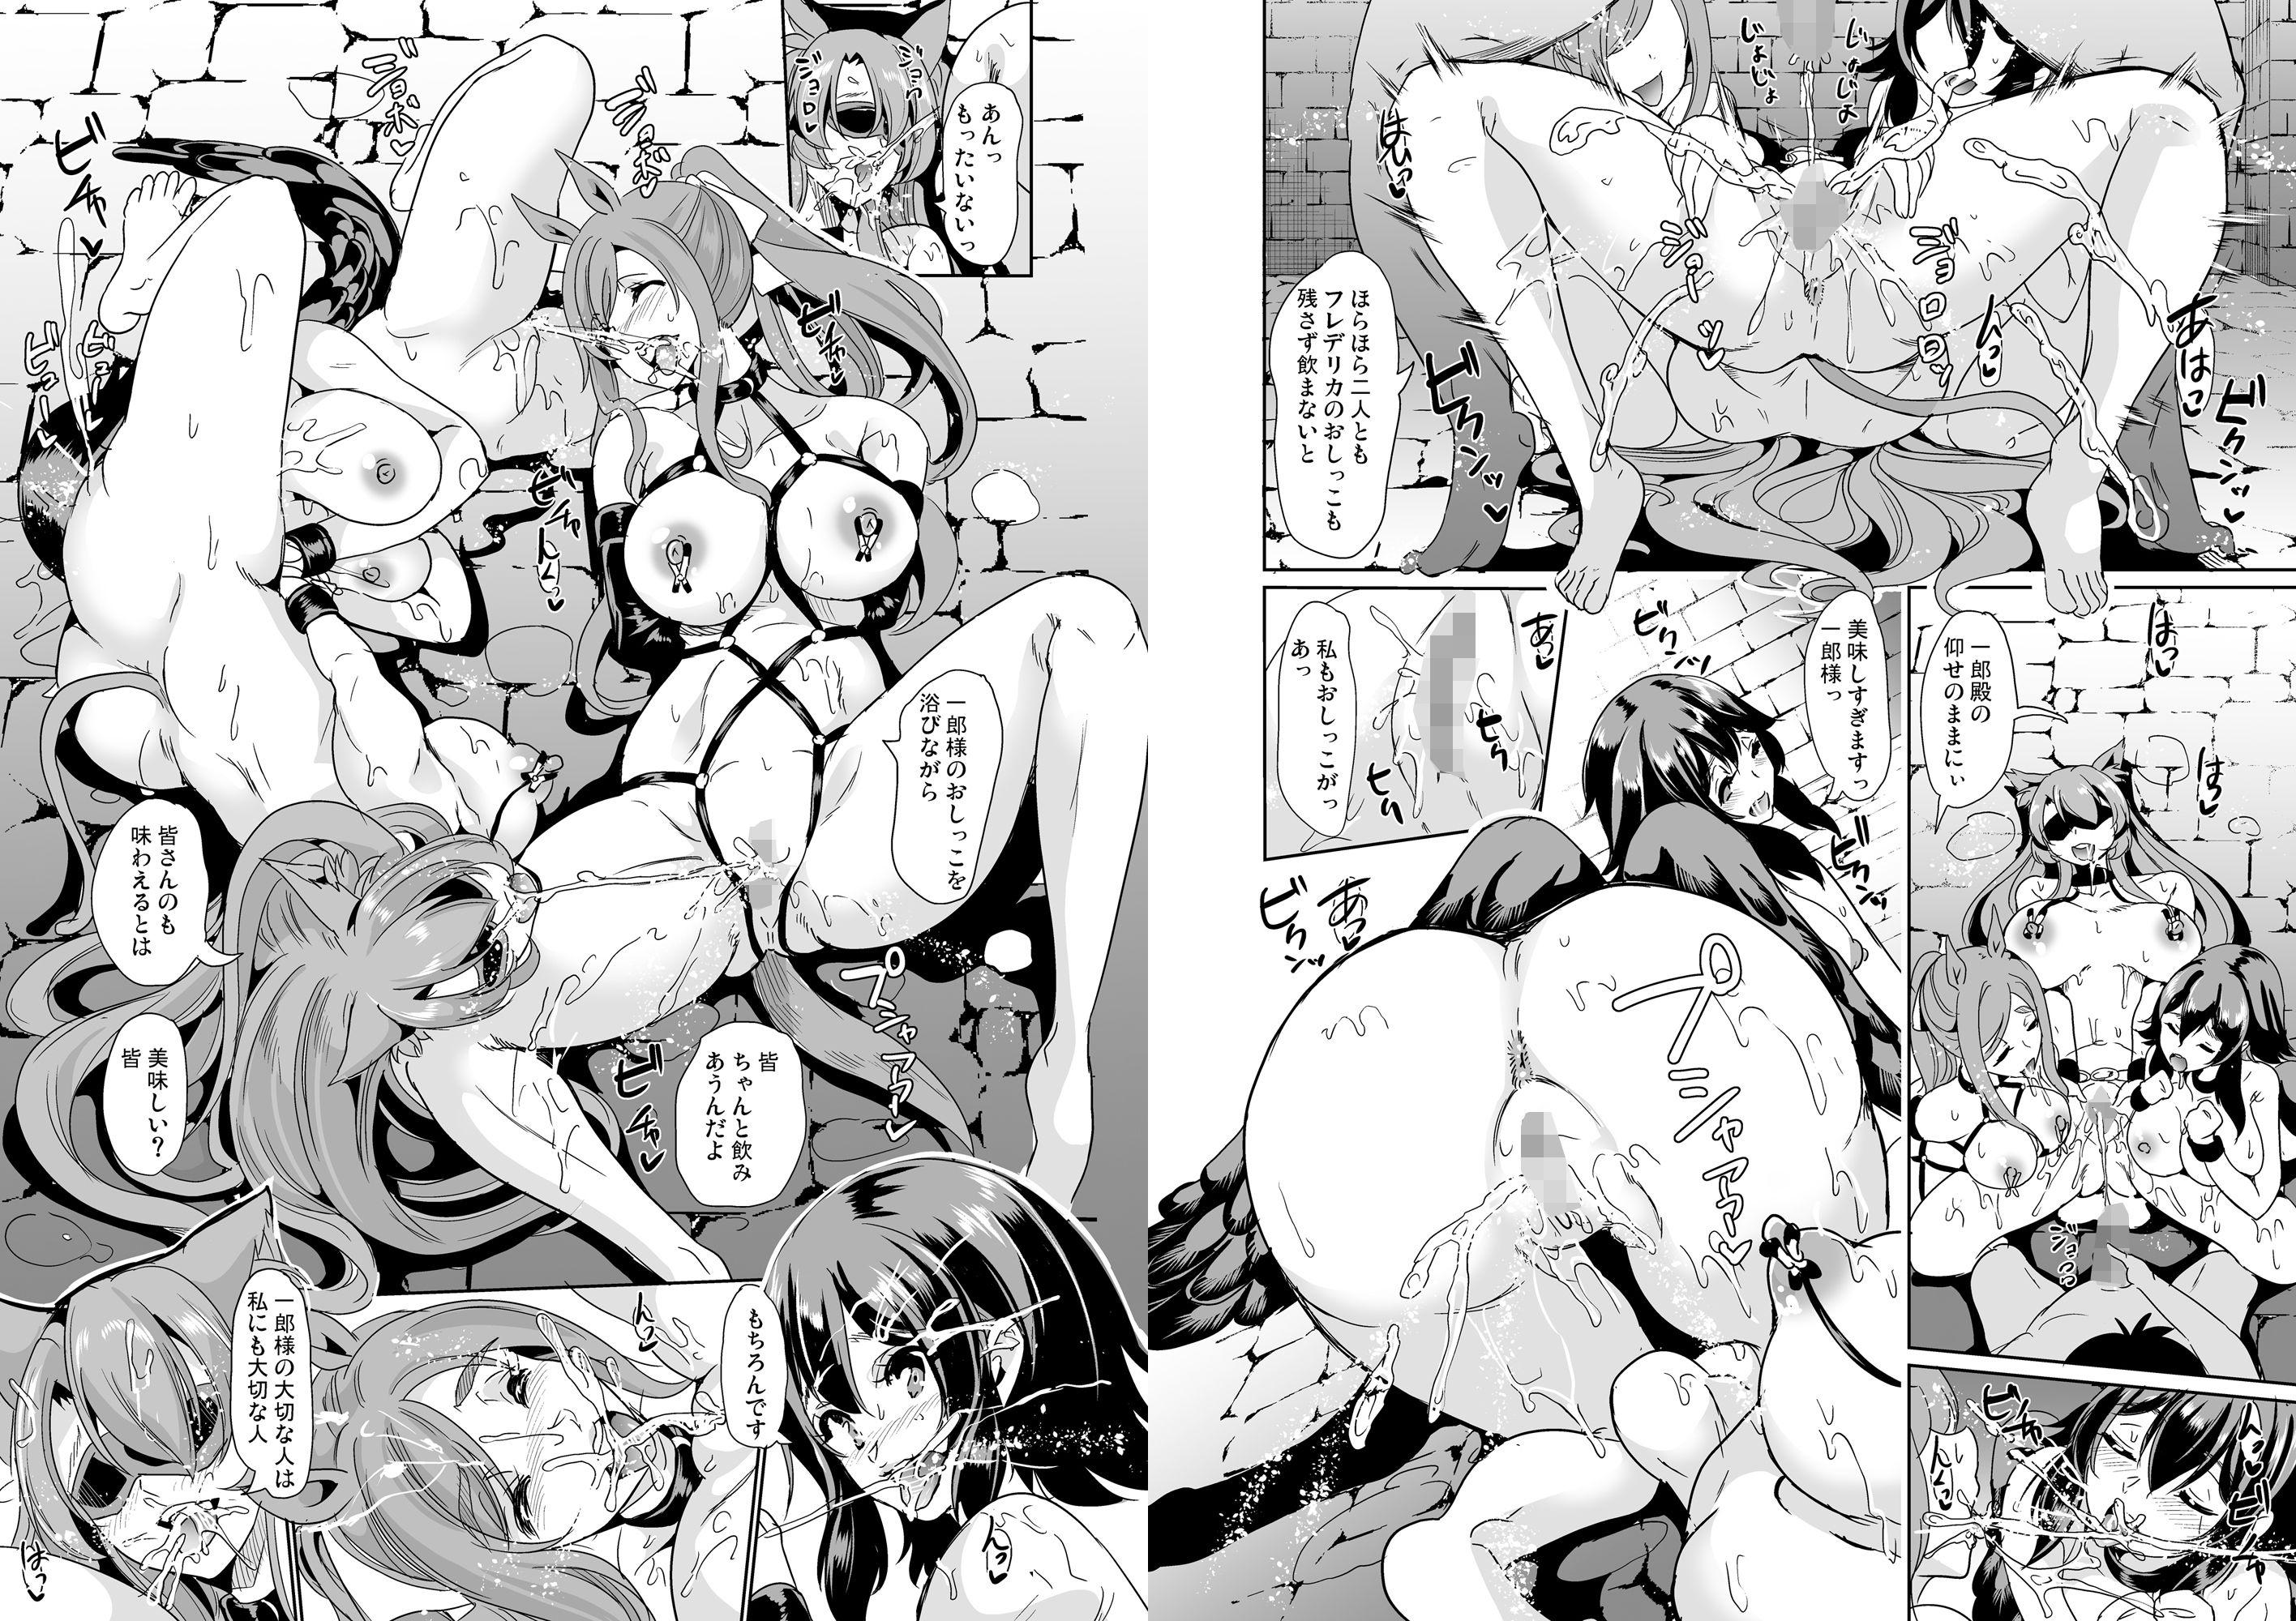 僕の異世界ハーレム アマツ総集編